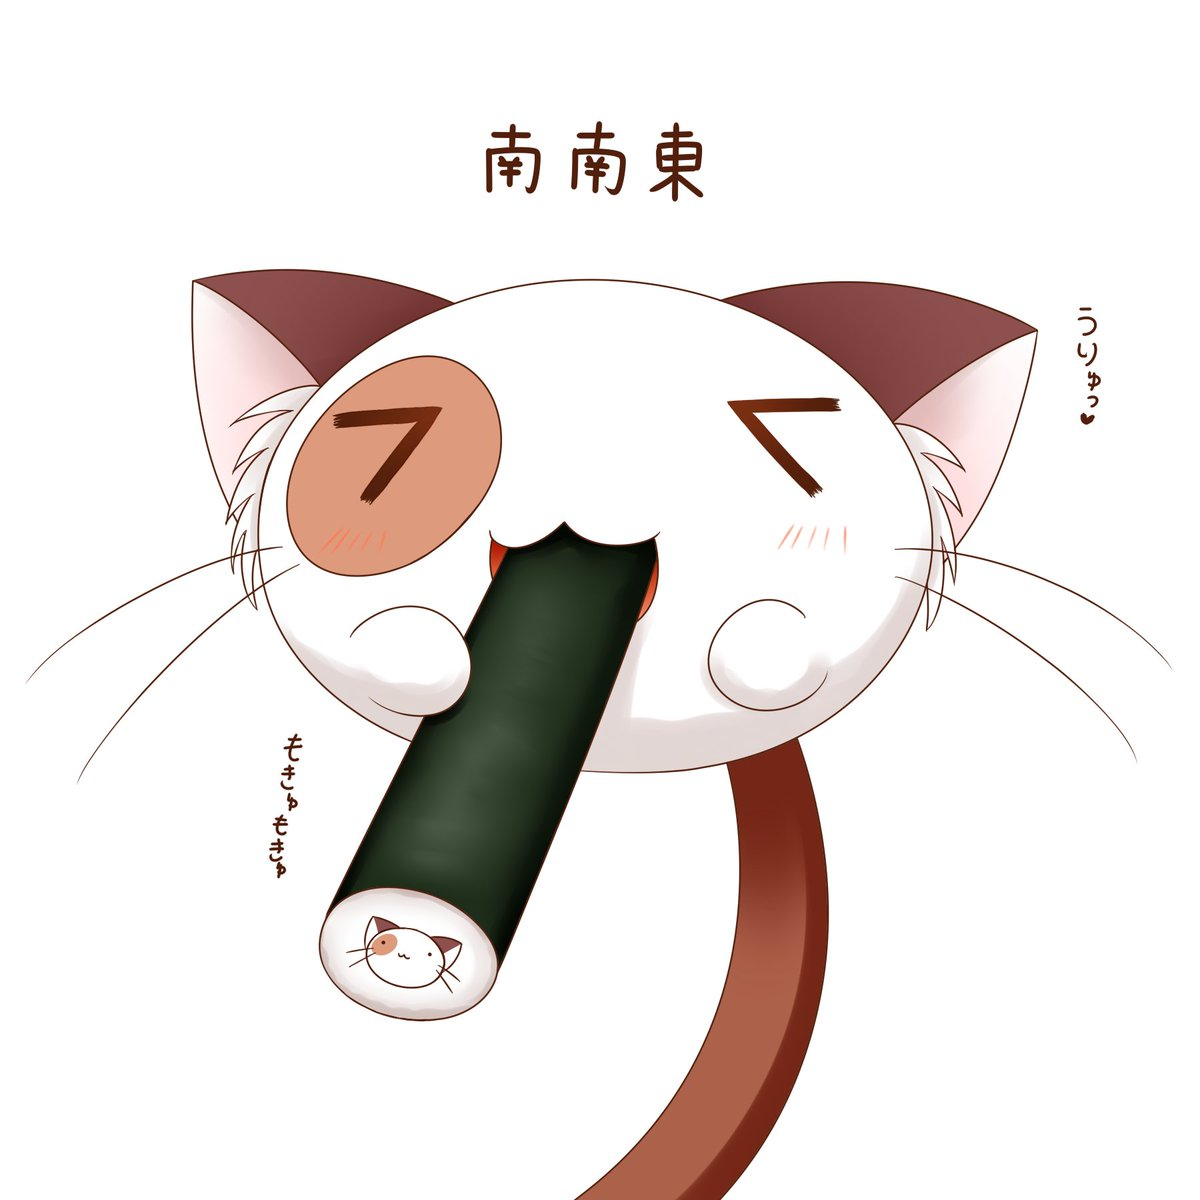 恵方巻食べてるぱんにゃさん https://t.co/ufSo656pLm